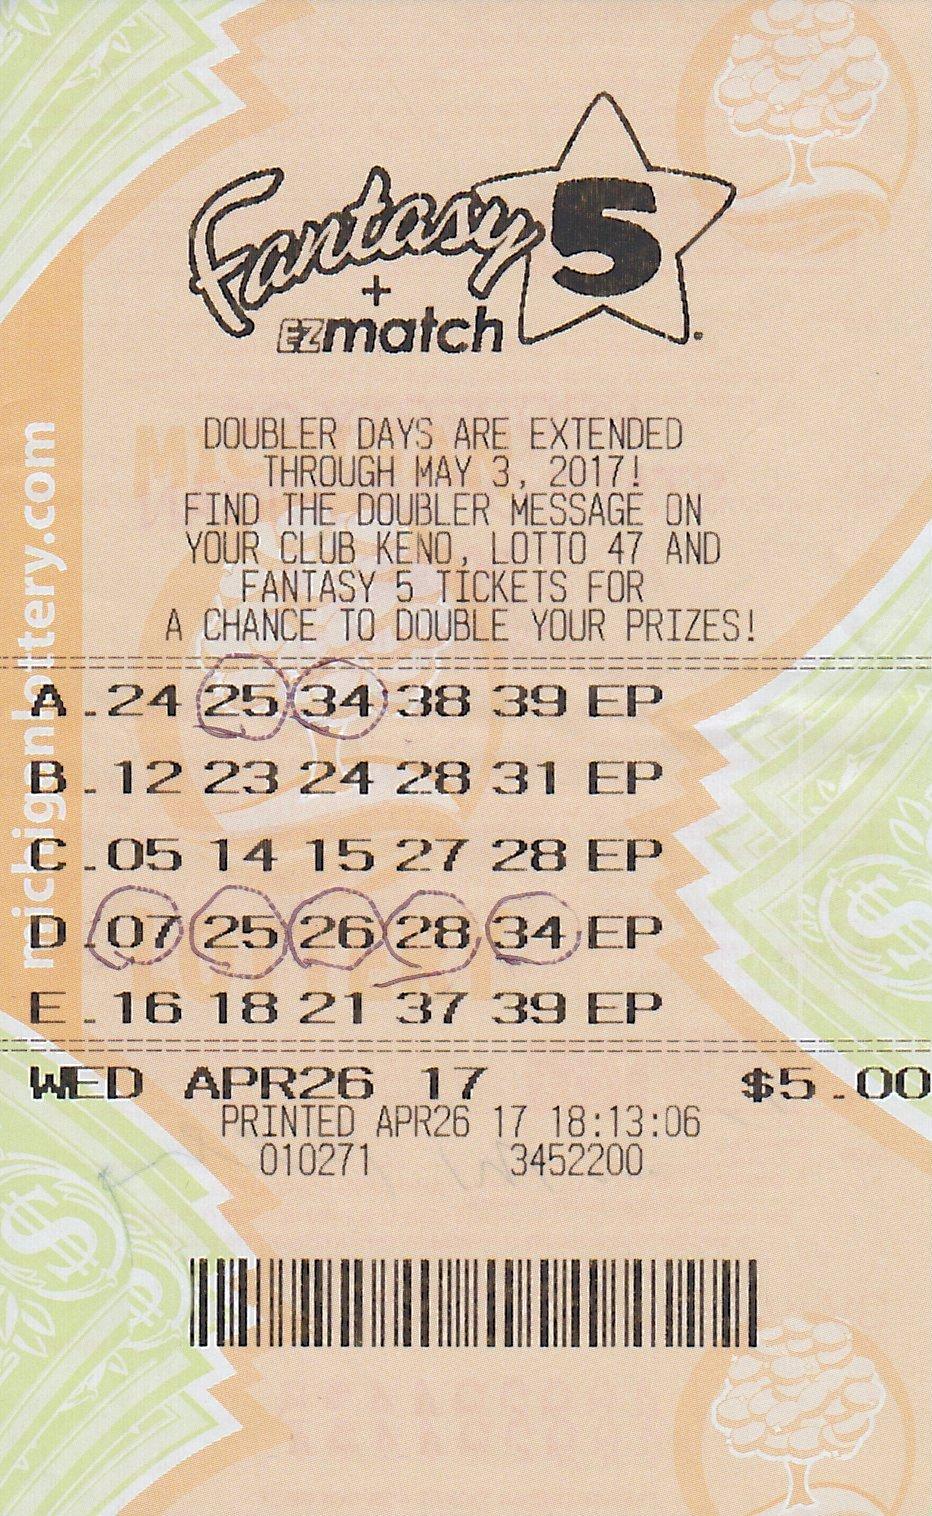 (Source: Michigan Lottery)